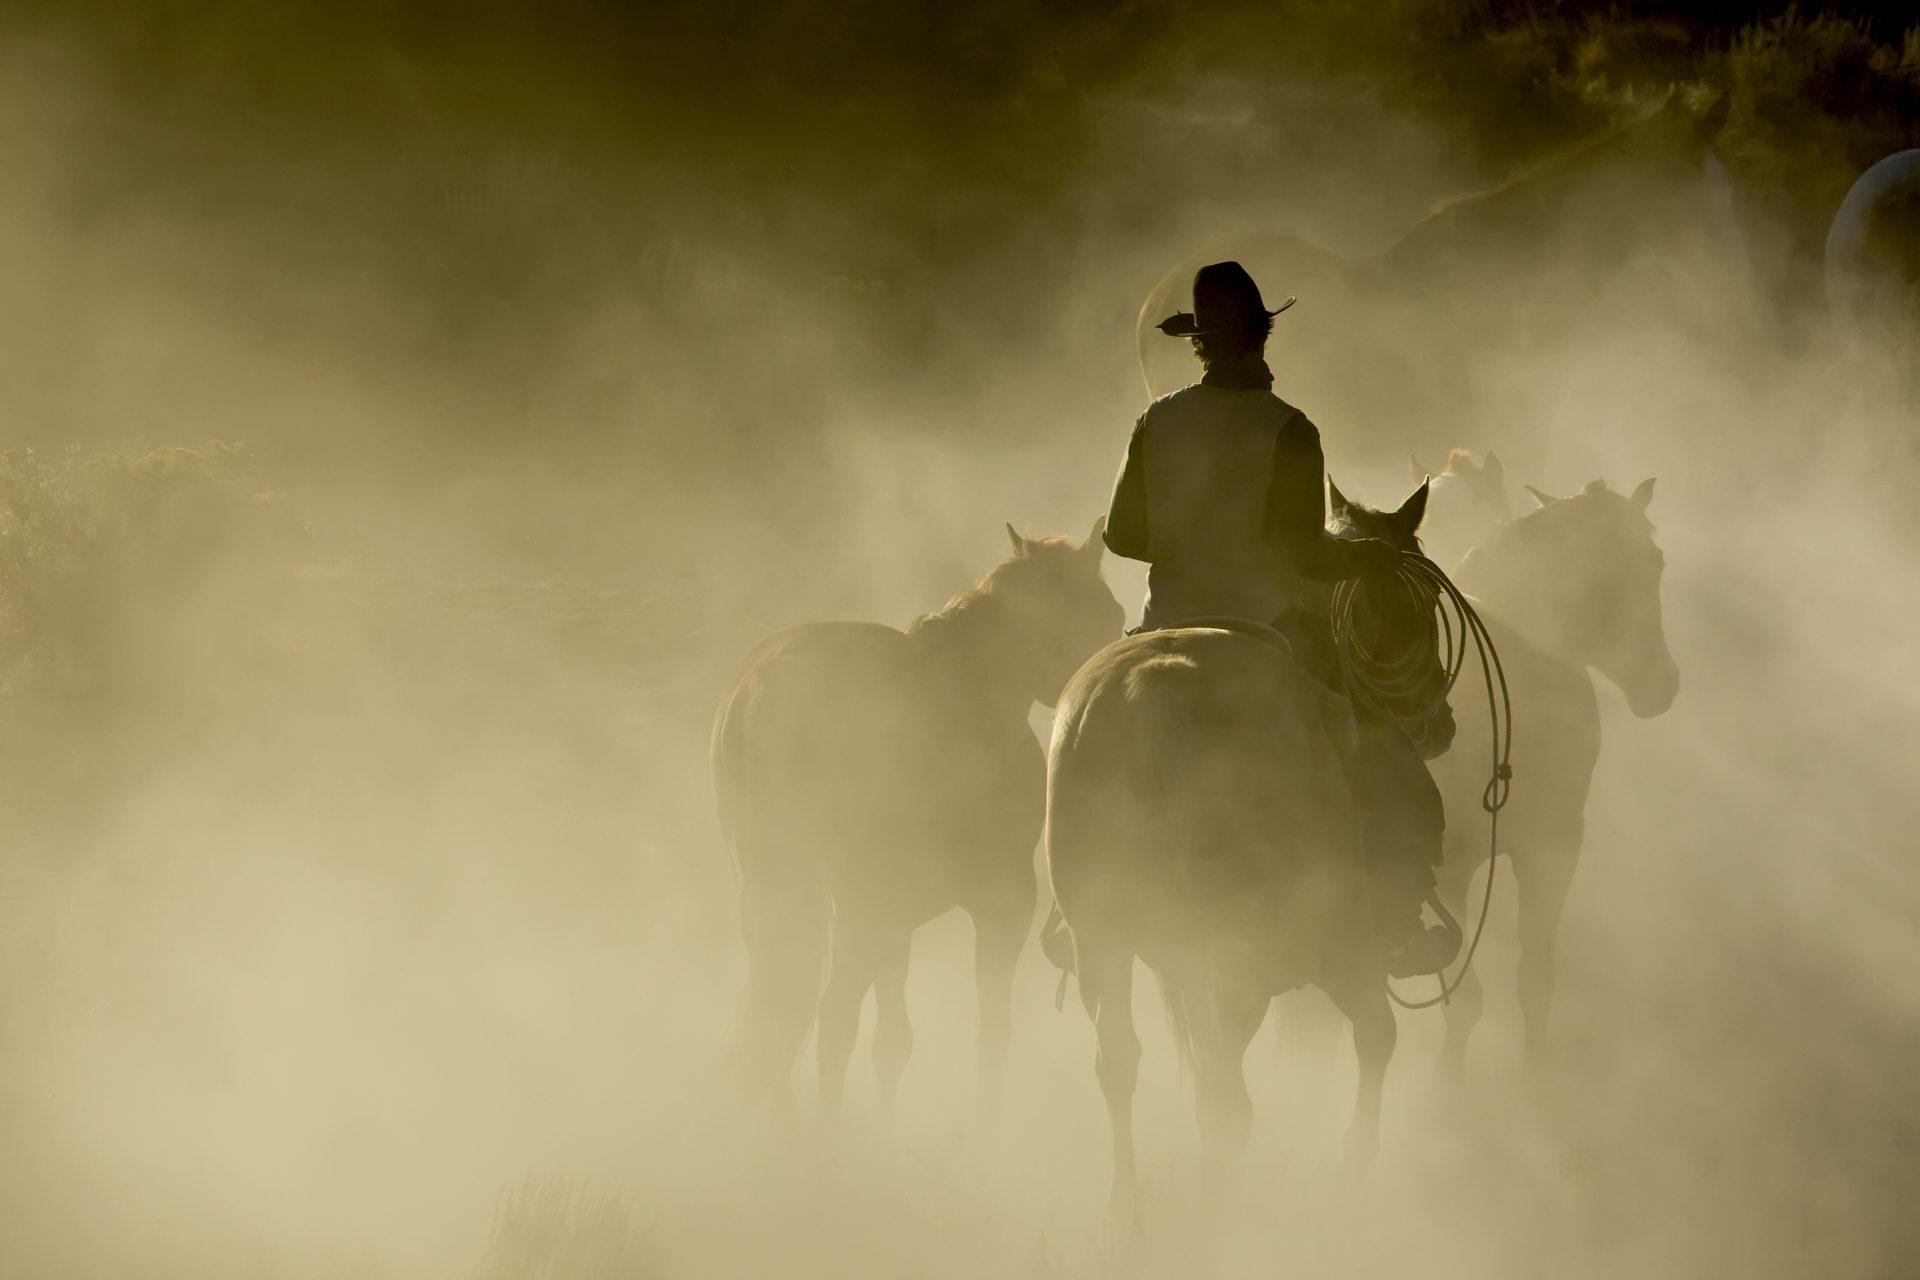 Te voet of te paard, hoe ga jij op je doel af?